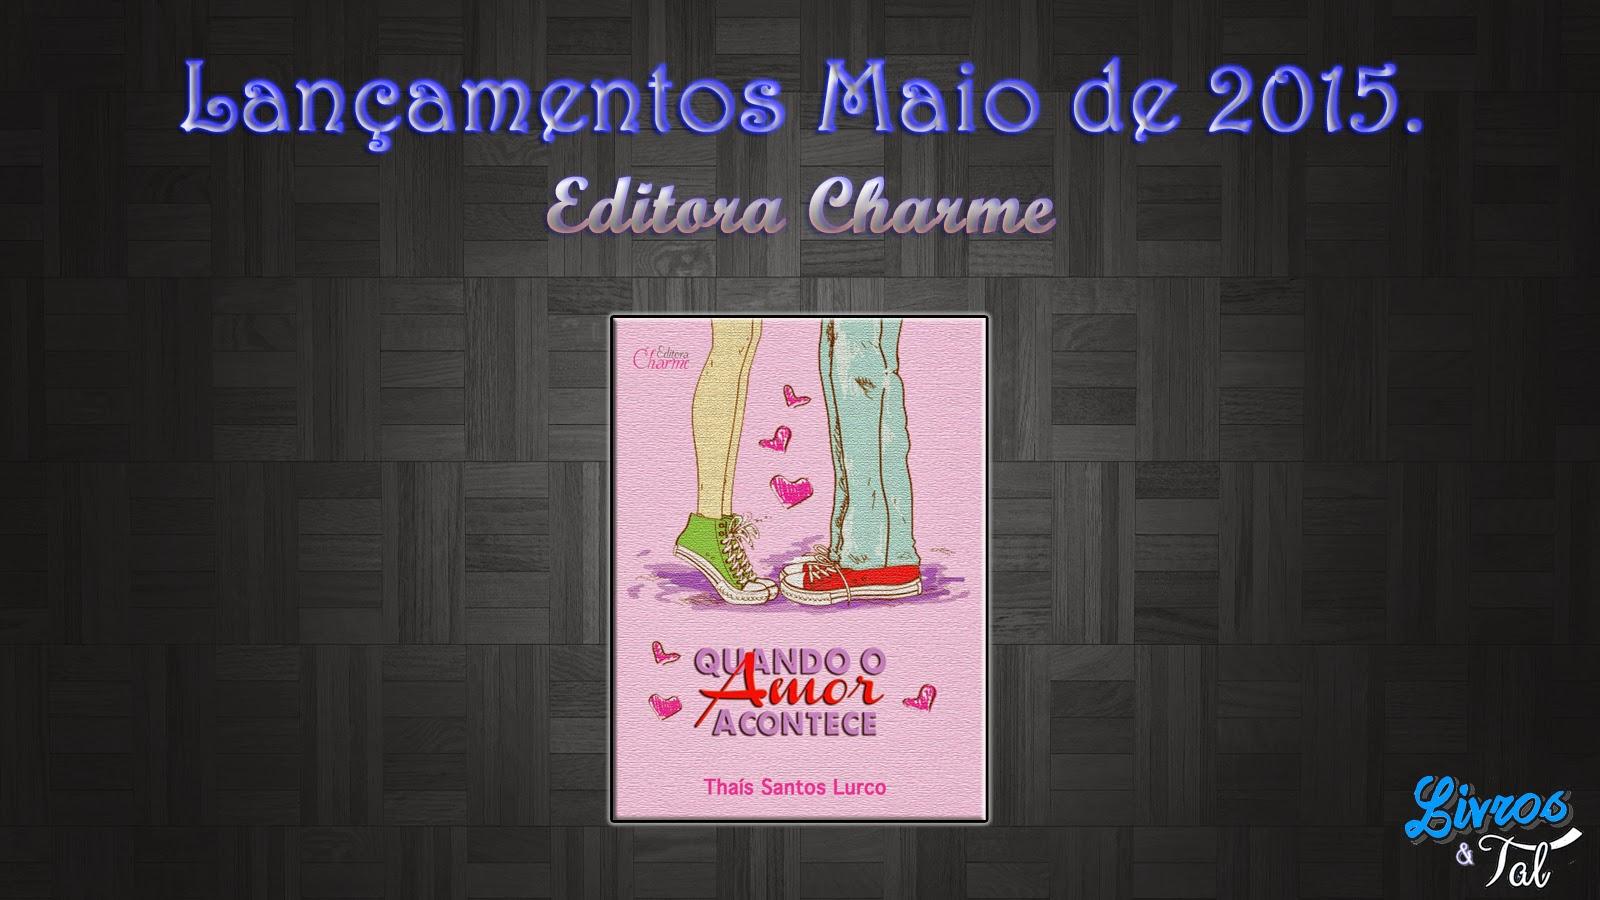 http://livrosetalgroup.blogspot.com.br/p/lancamento-maio-de-2015-editora-charme.html